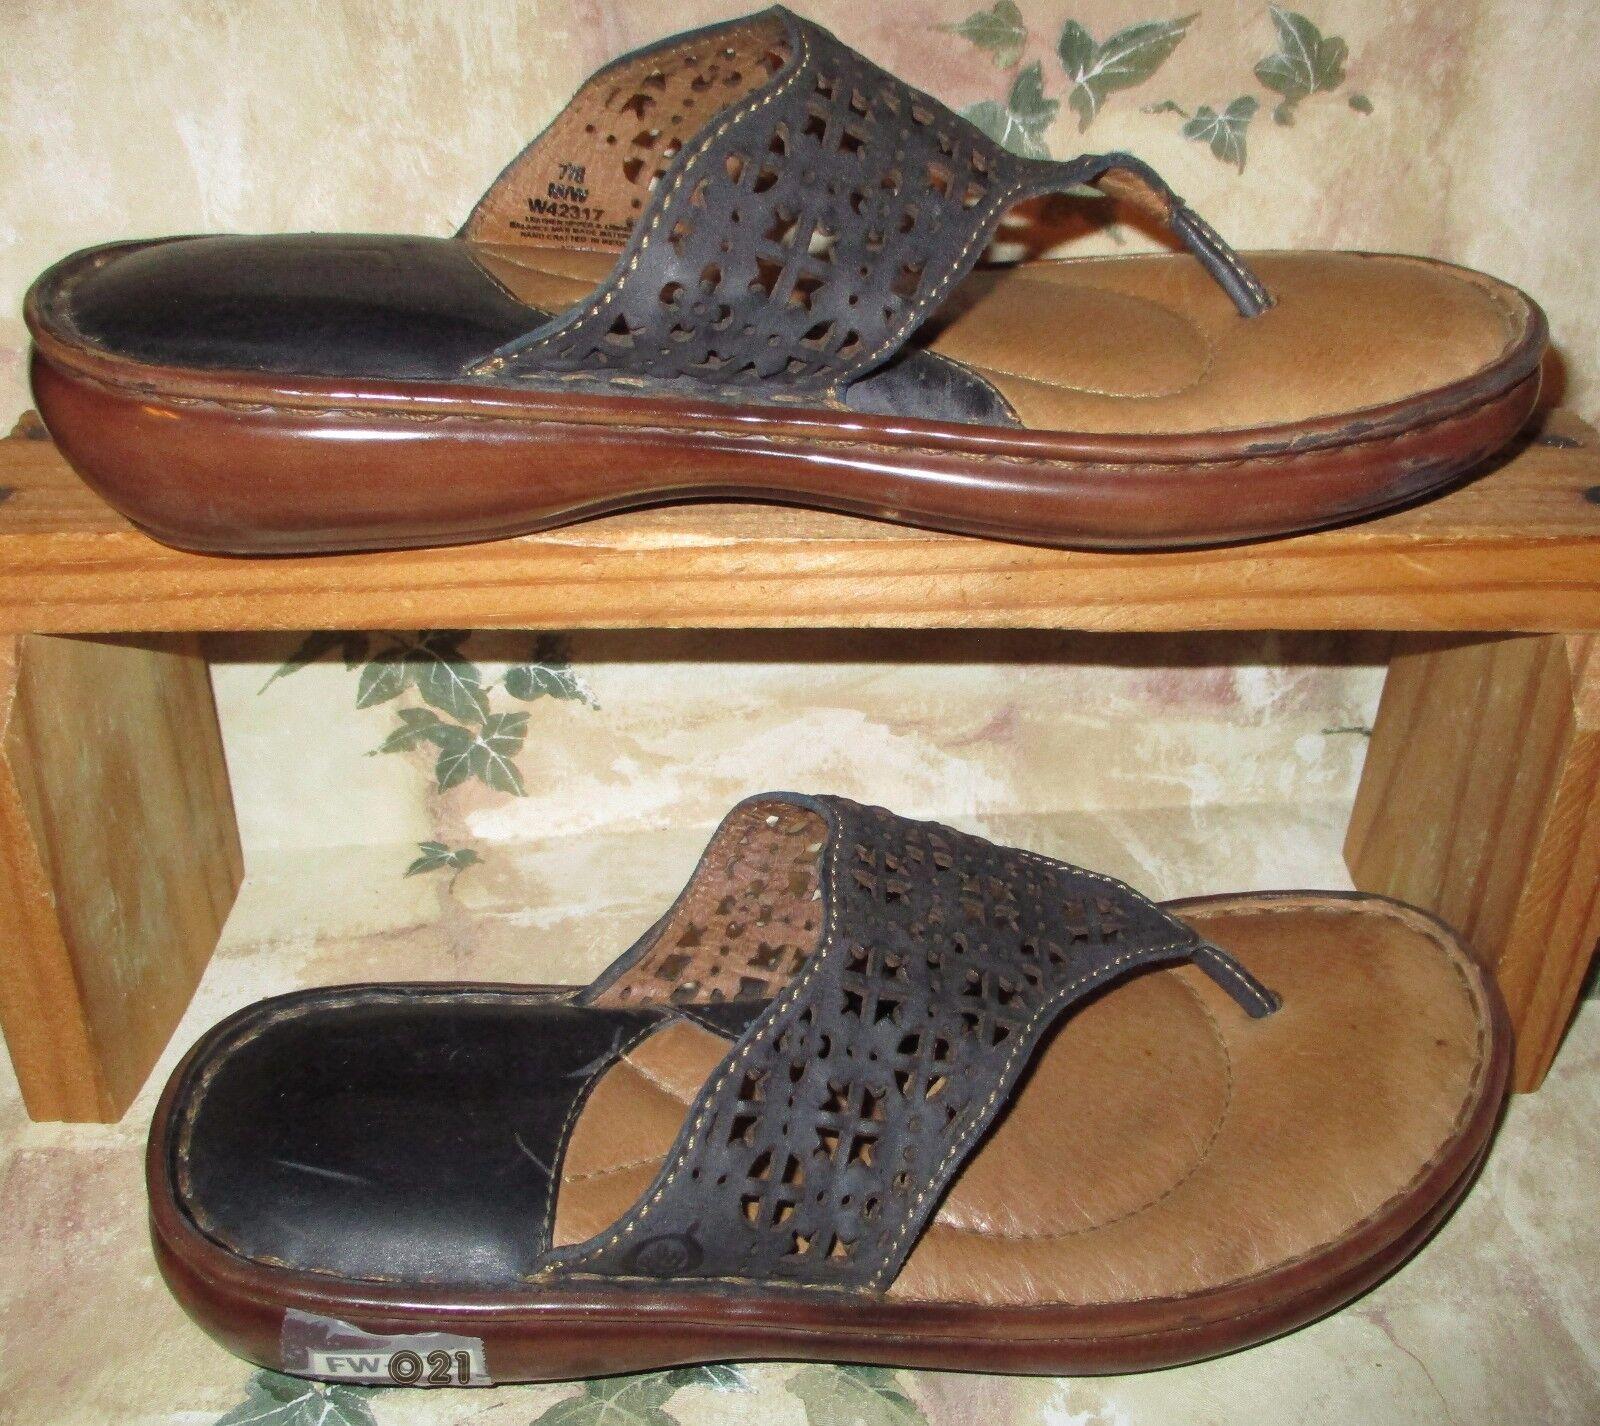 Né fabriqué à la Main bleu Foncé chaussures en cuir femme Taille 7 8M Strings